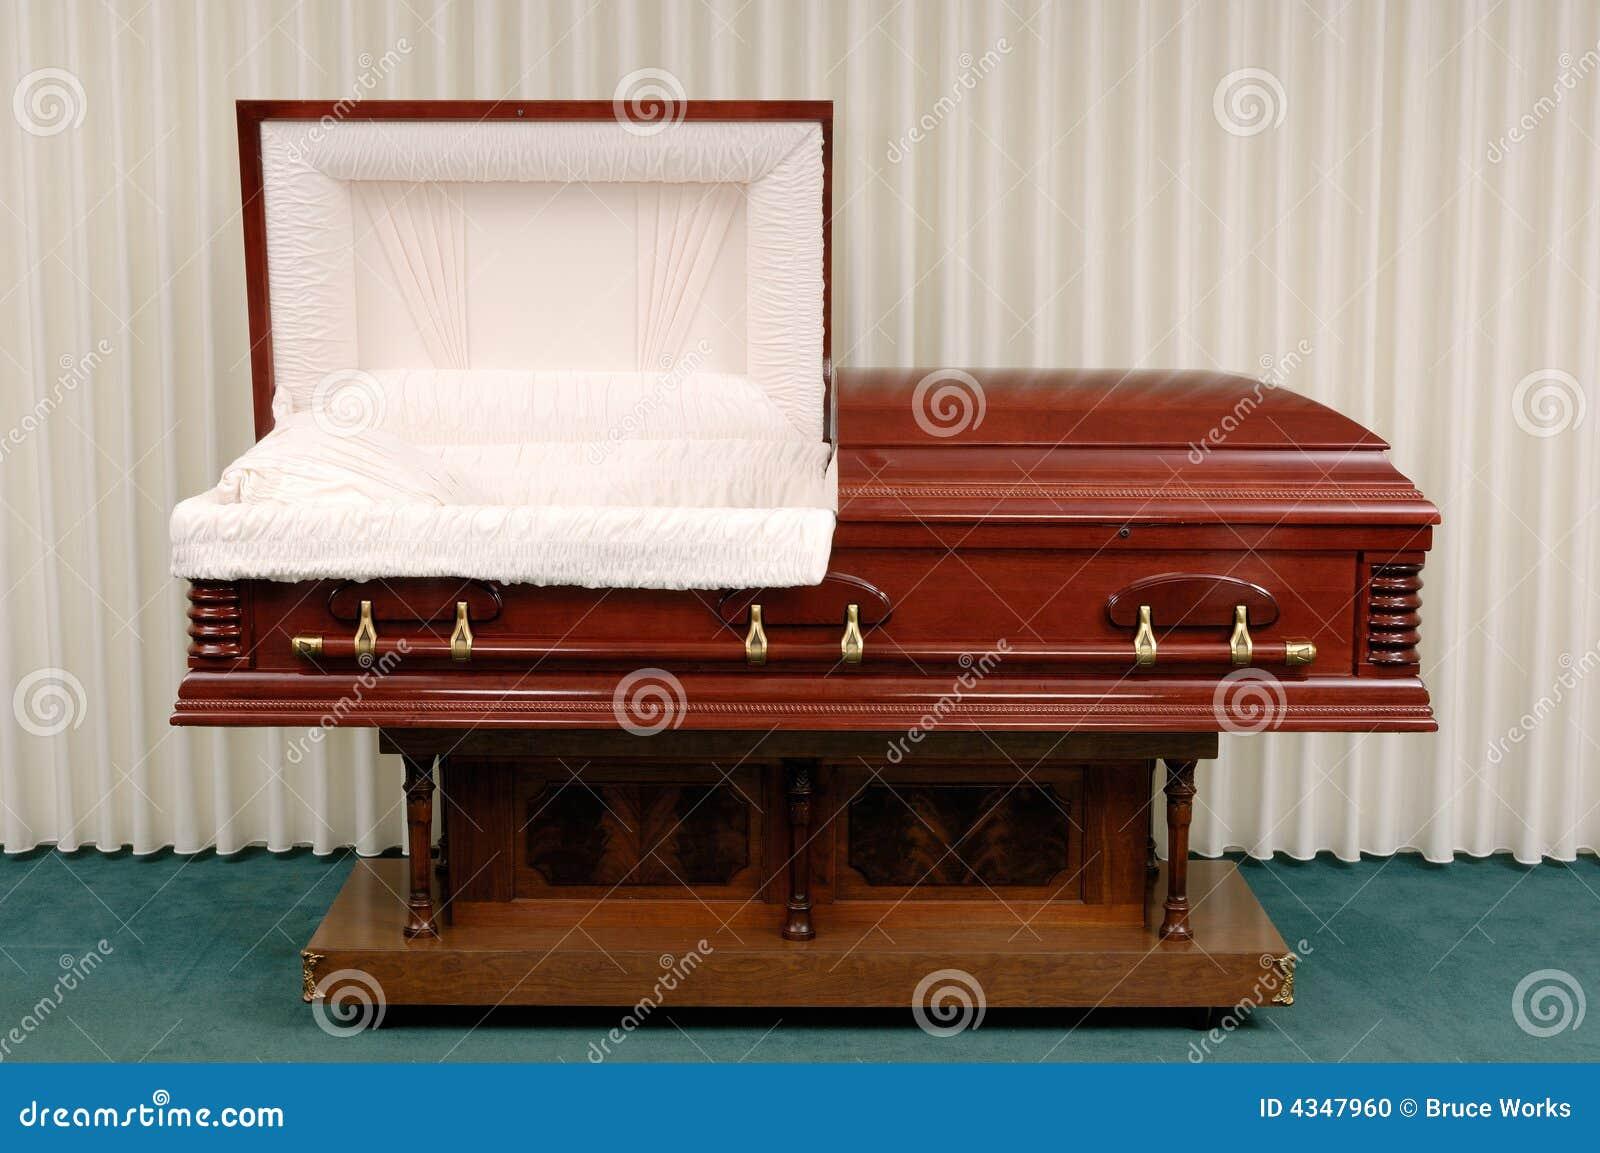 Funeral Casket